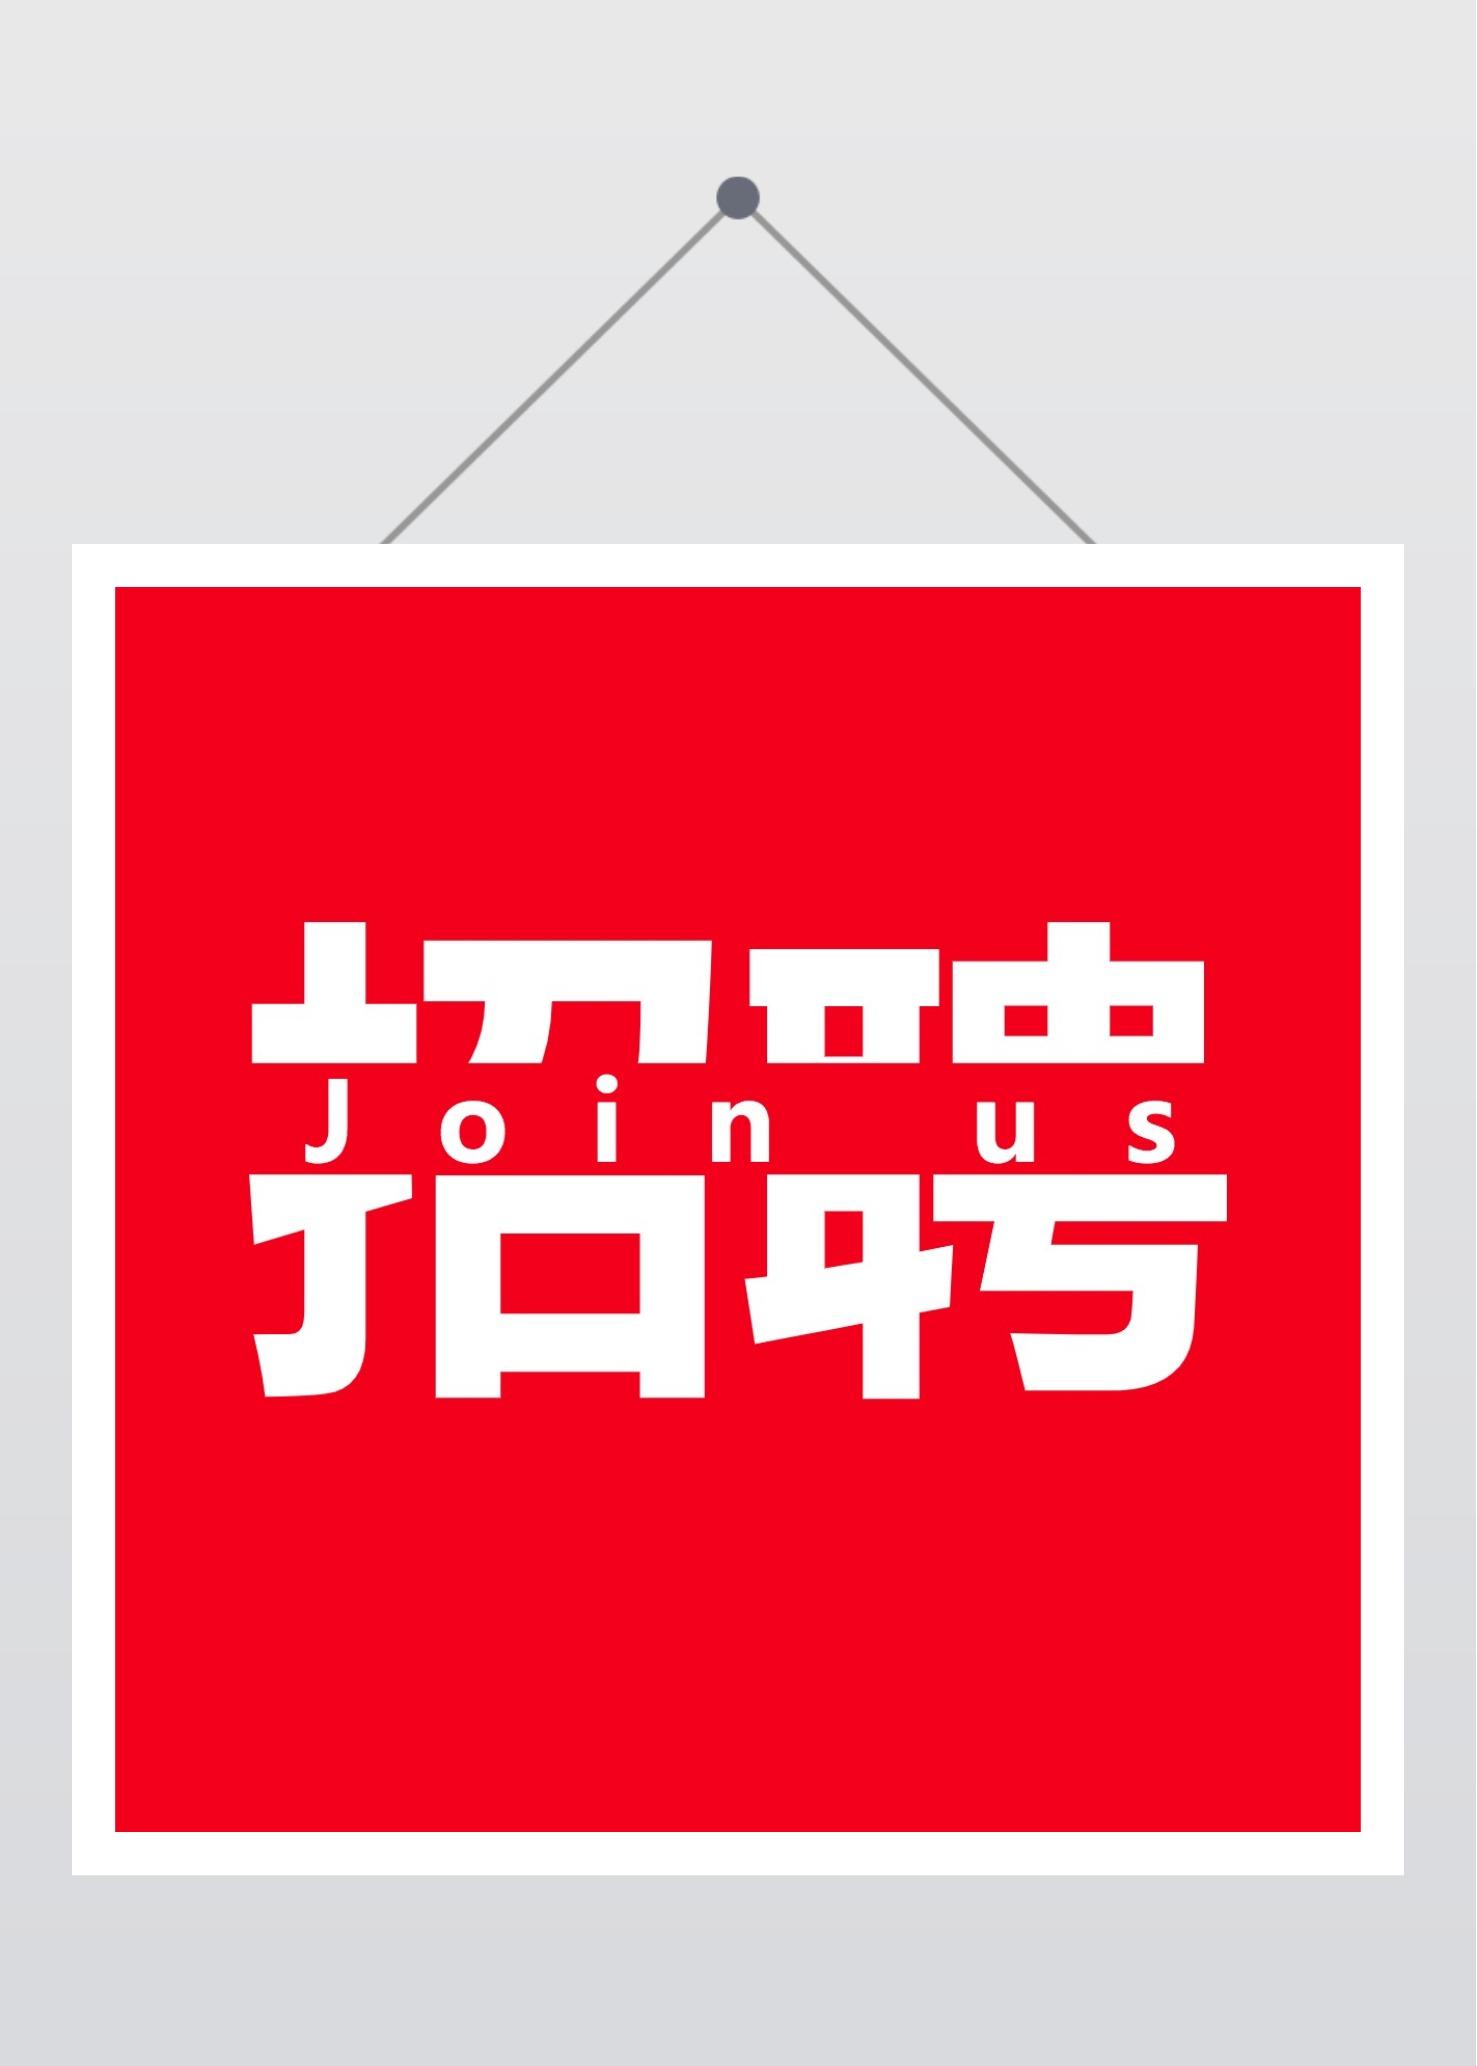 首页 微信素材 公众号封面图-次条 红色经典招聘公众号封面次条小图